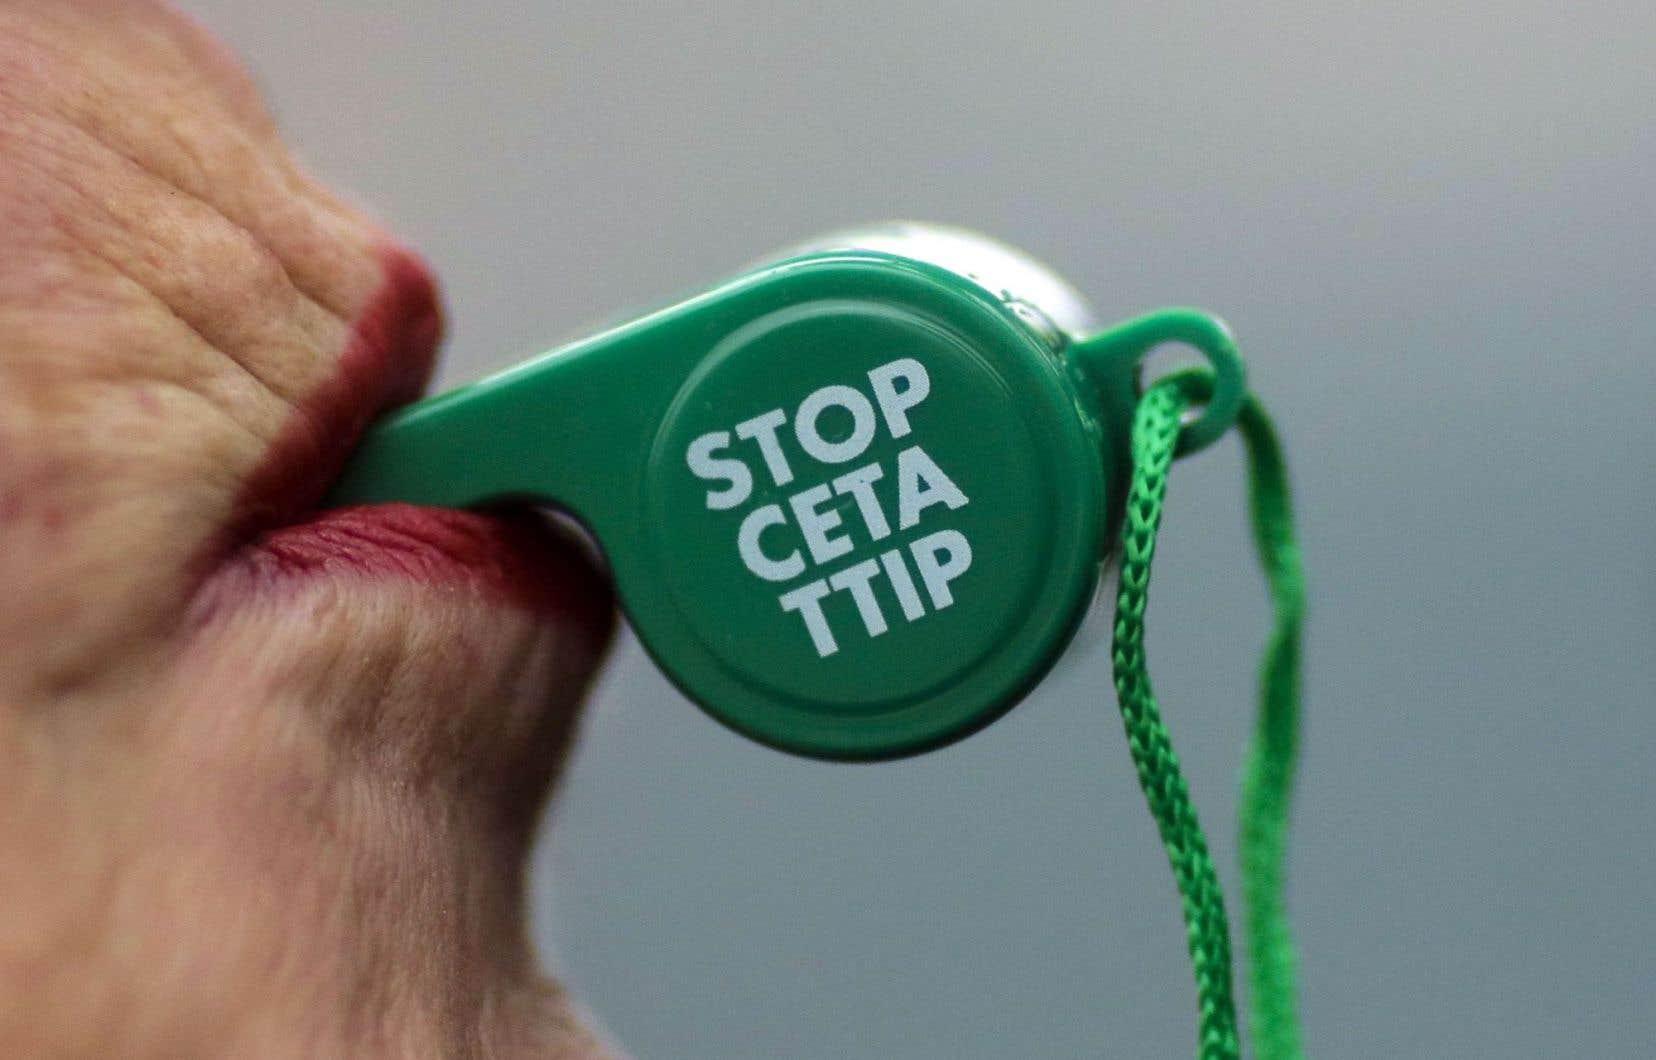 À Berlin, une opposante à l'accord de libre-échange entre l'Union européenne et le Canada manifestait mercredi devant la chancellerie. CETA est l'acronyme anglais pour l'accord Canada–UE tandis que TTIP réfère au projet de libre-échange UE–É.-U.